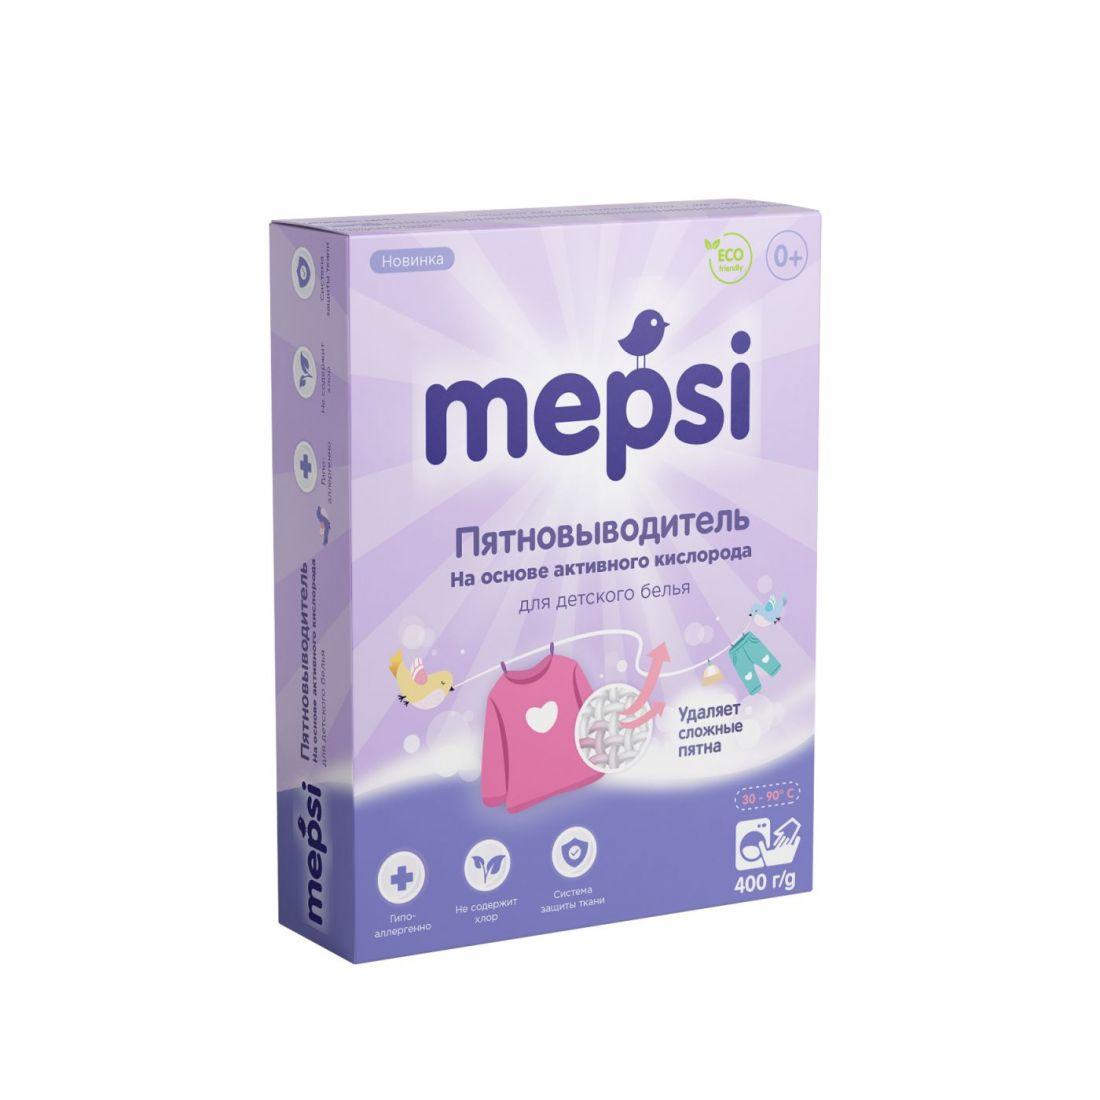 Пятновыводитель Mepsi для детского белья , 400гр